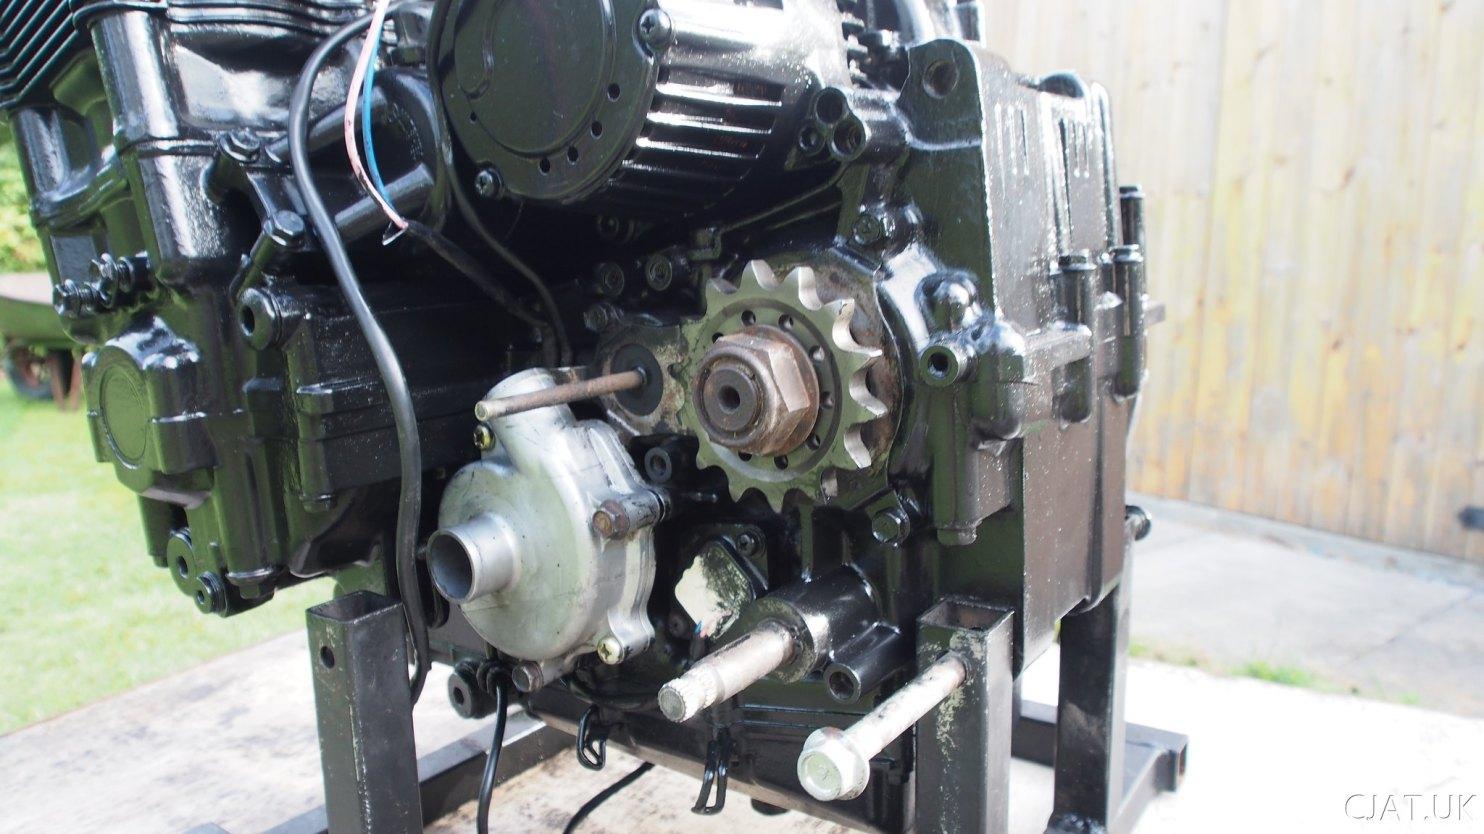 Suzuki RF900 engine with new waterpump and renthal front sprocket.